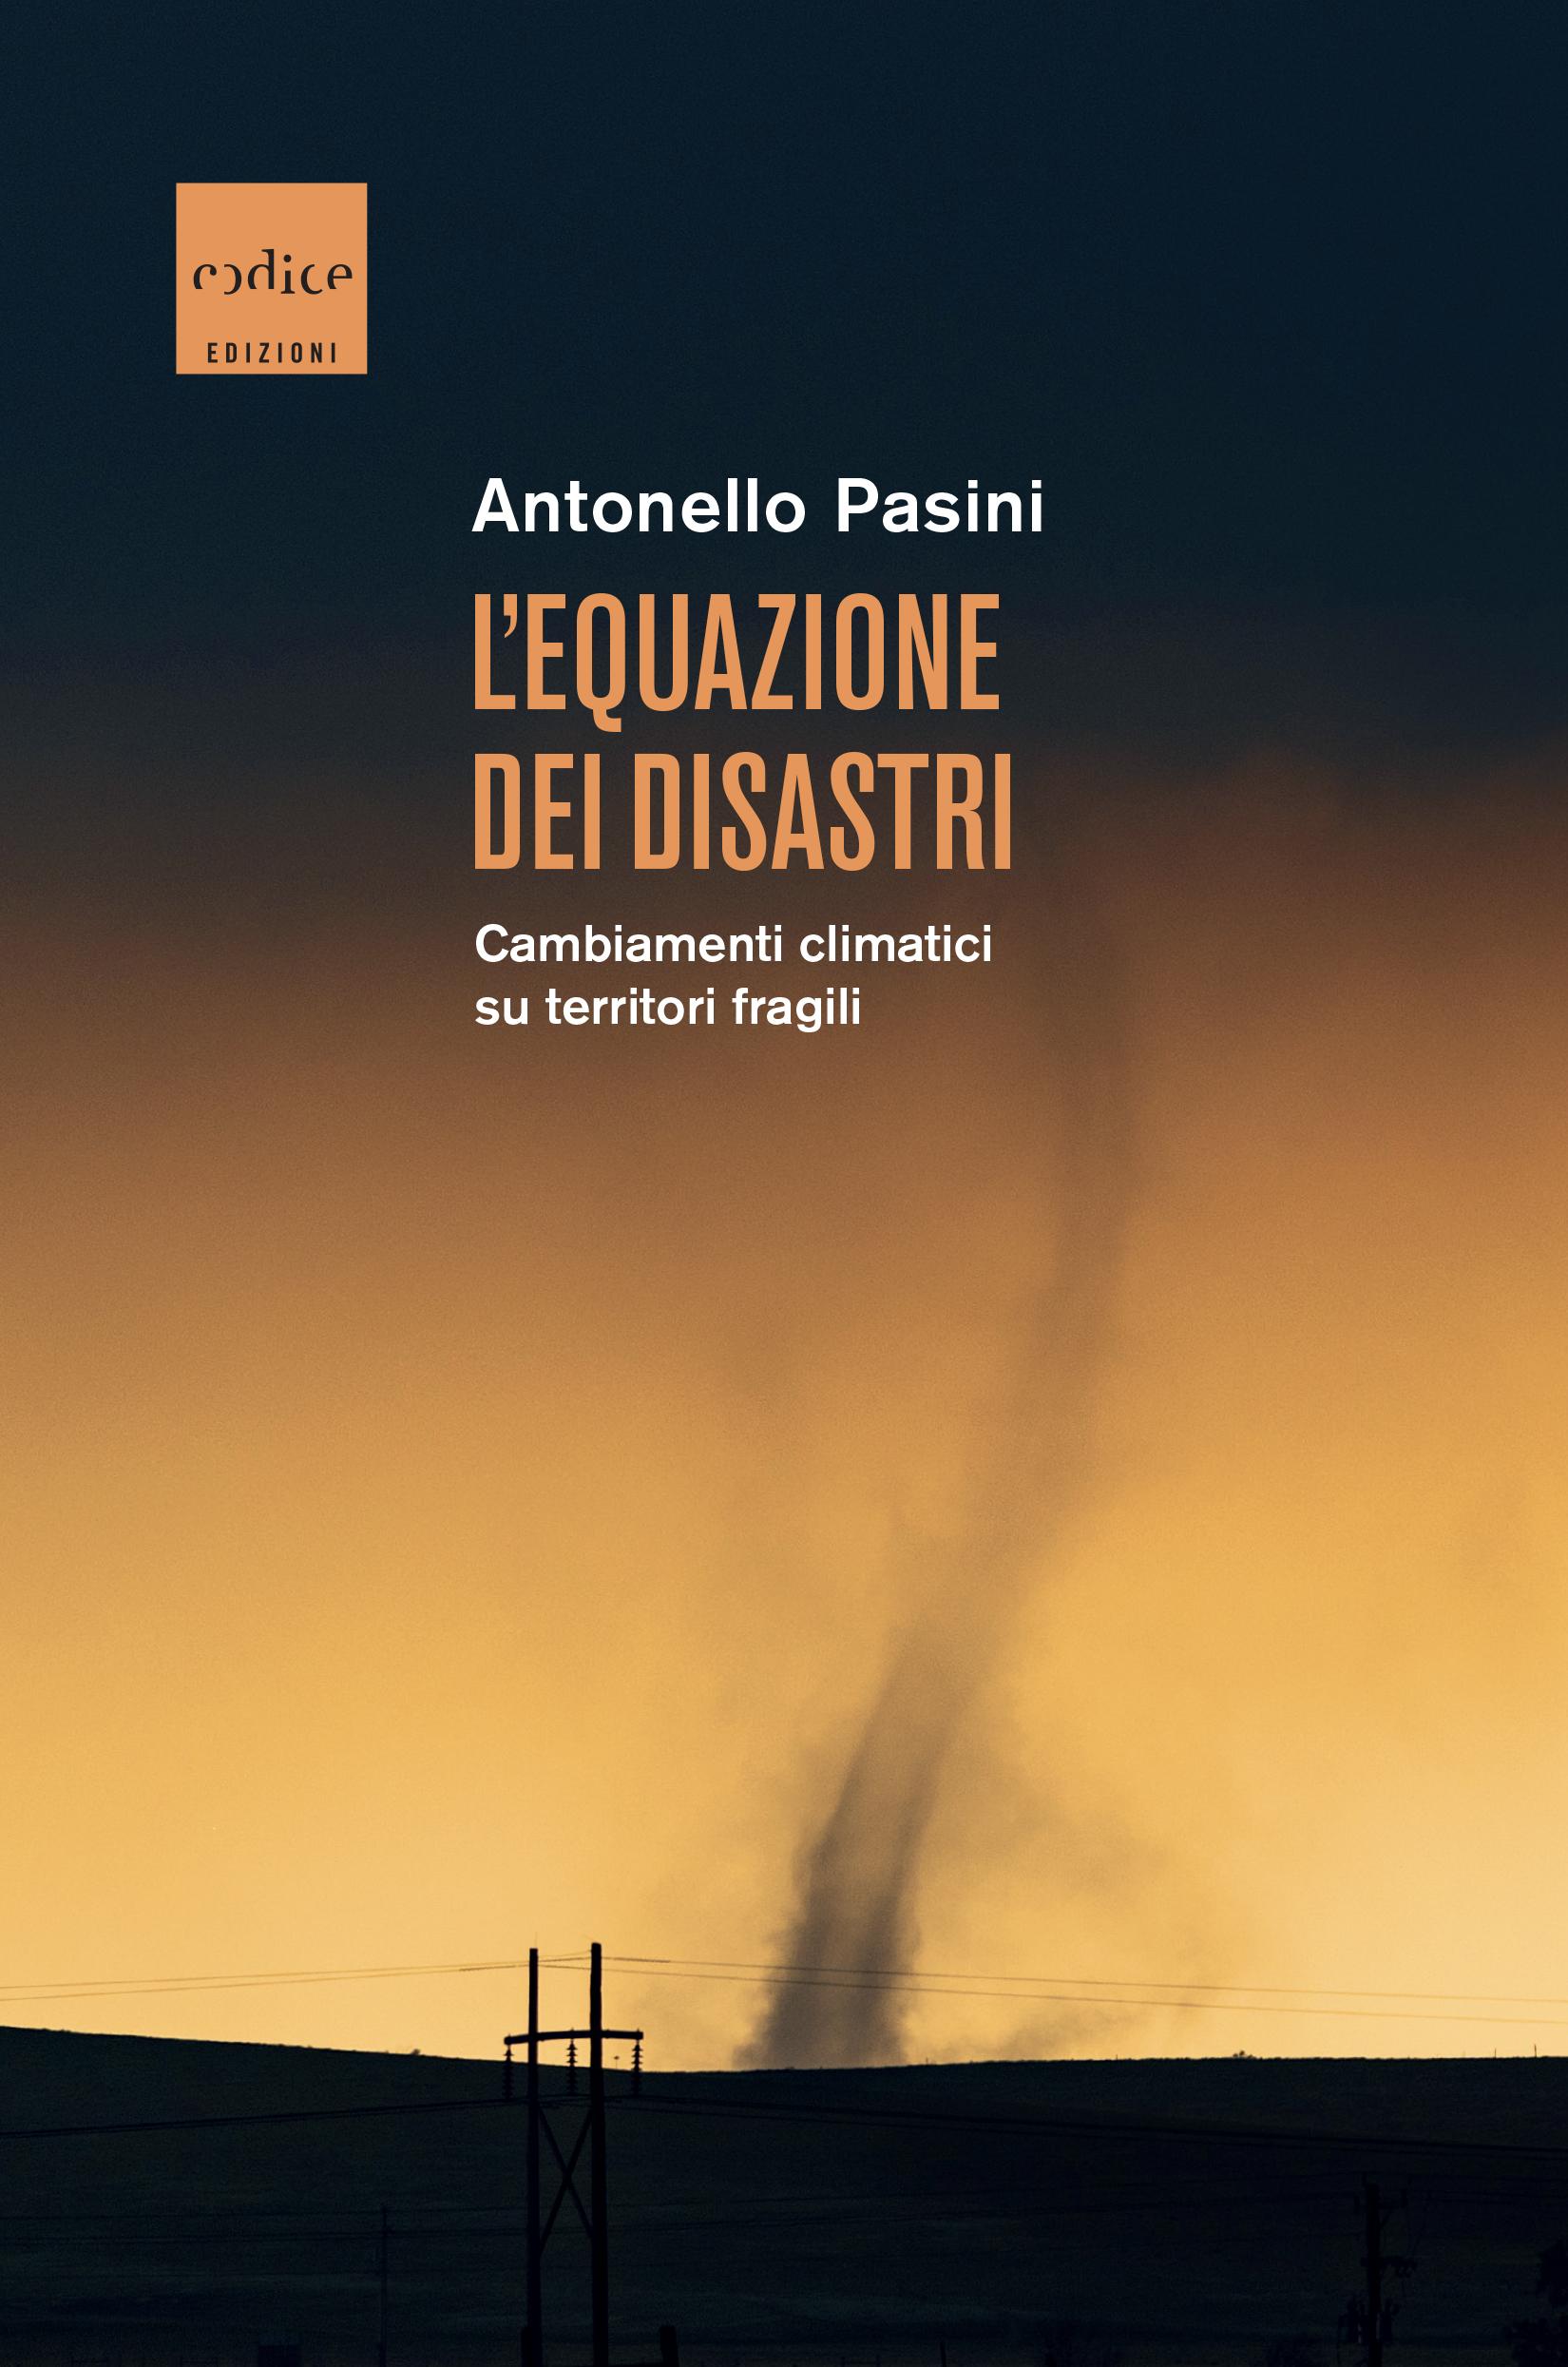 L'equazione dei disastri di Antonello Pasini